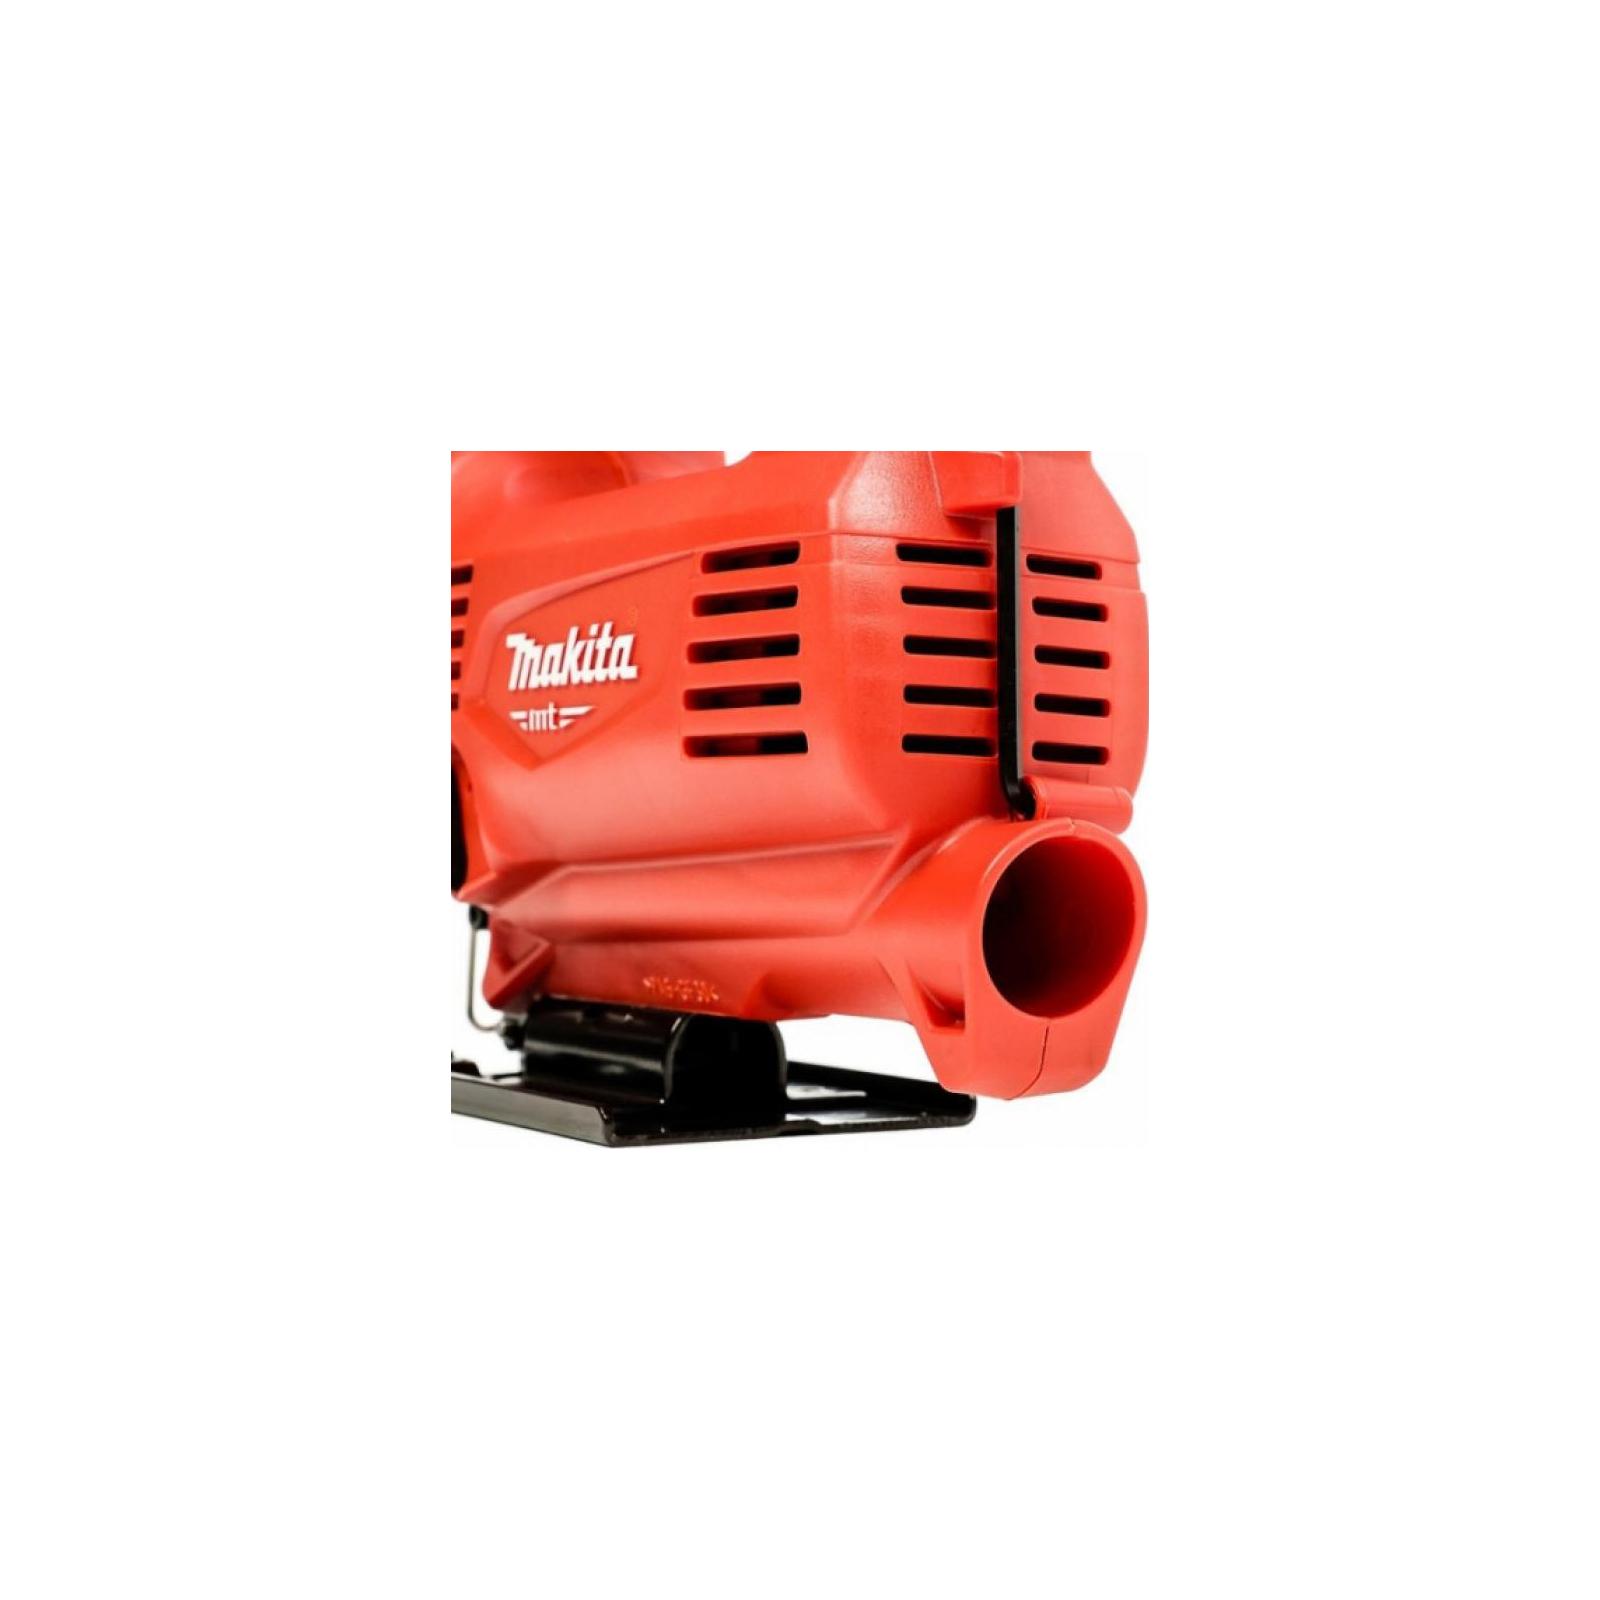 Электролобзик Makita M4301, 450Вт, 18мм (M4301) изображение 4